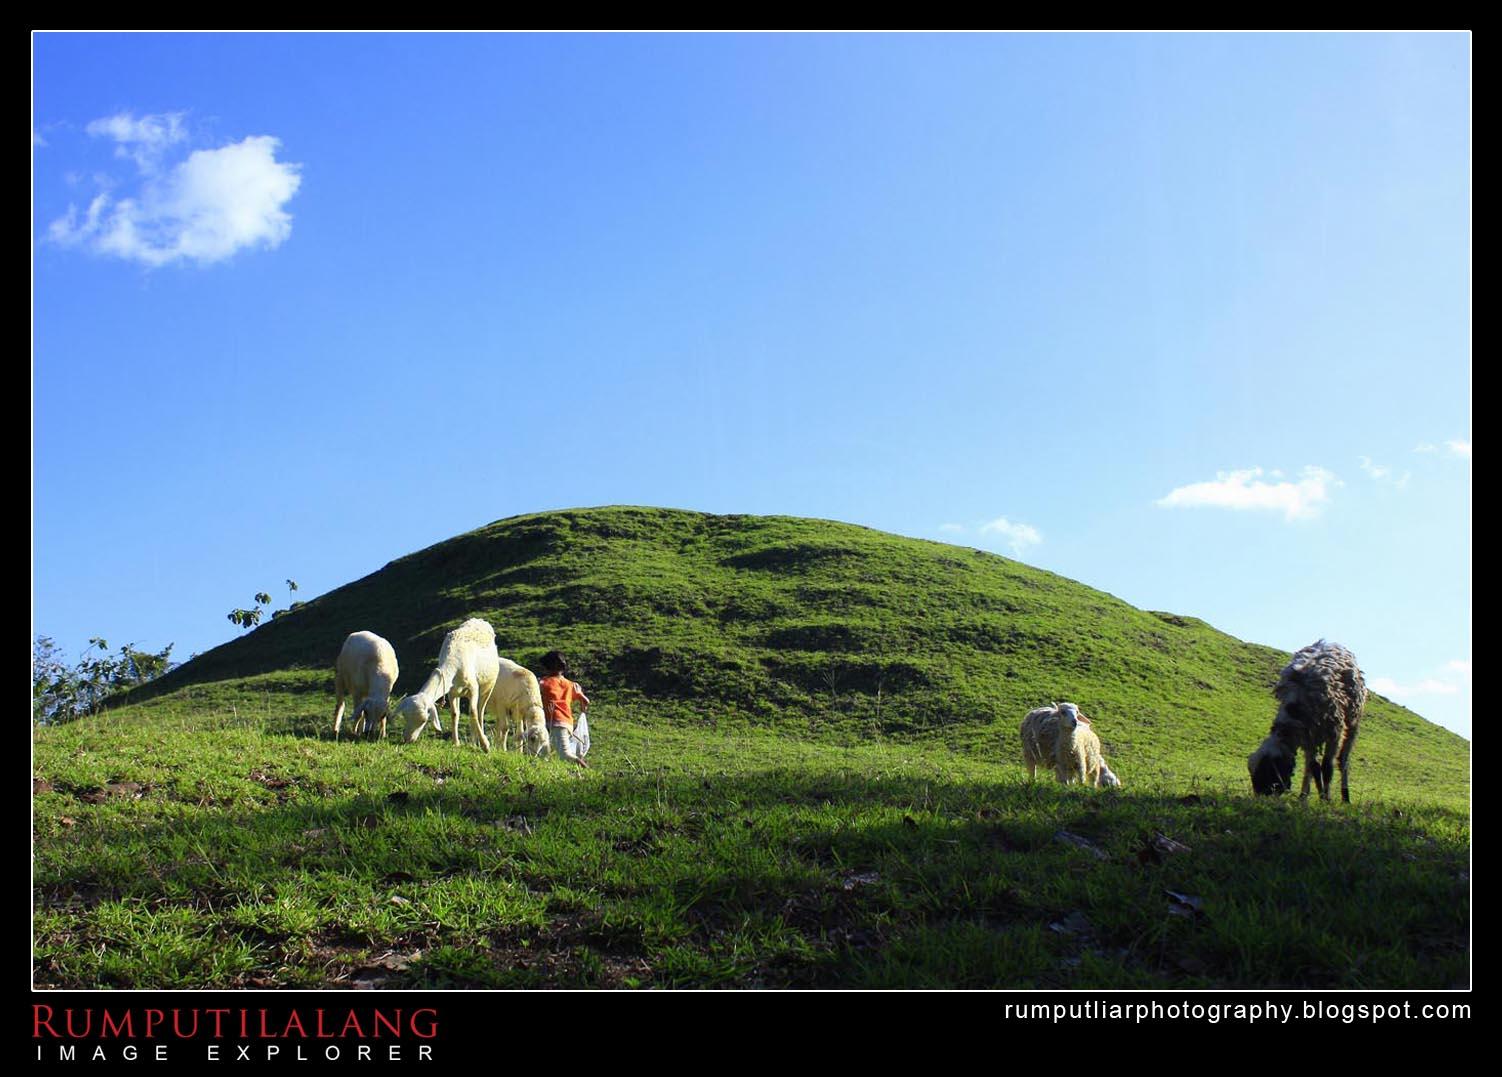 Bukit Teletubies Candi Abang Piramida Pelindung Warga Sastrareksana Keutuhan Tidak